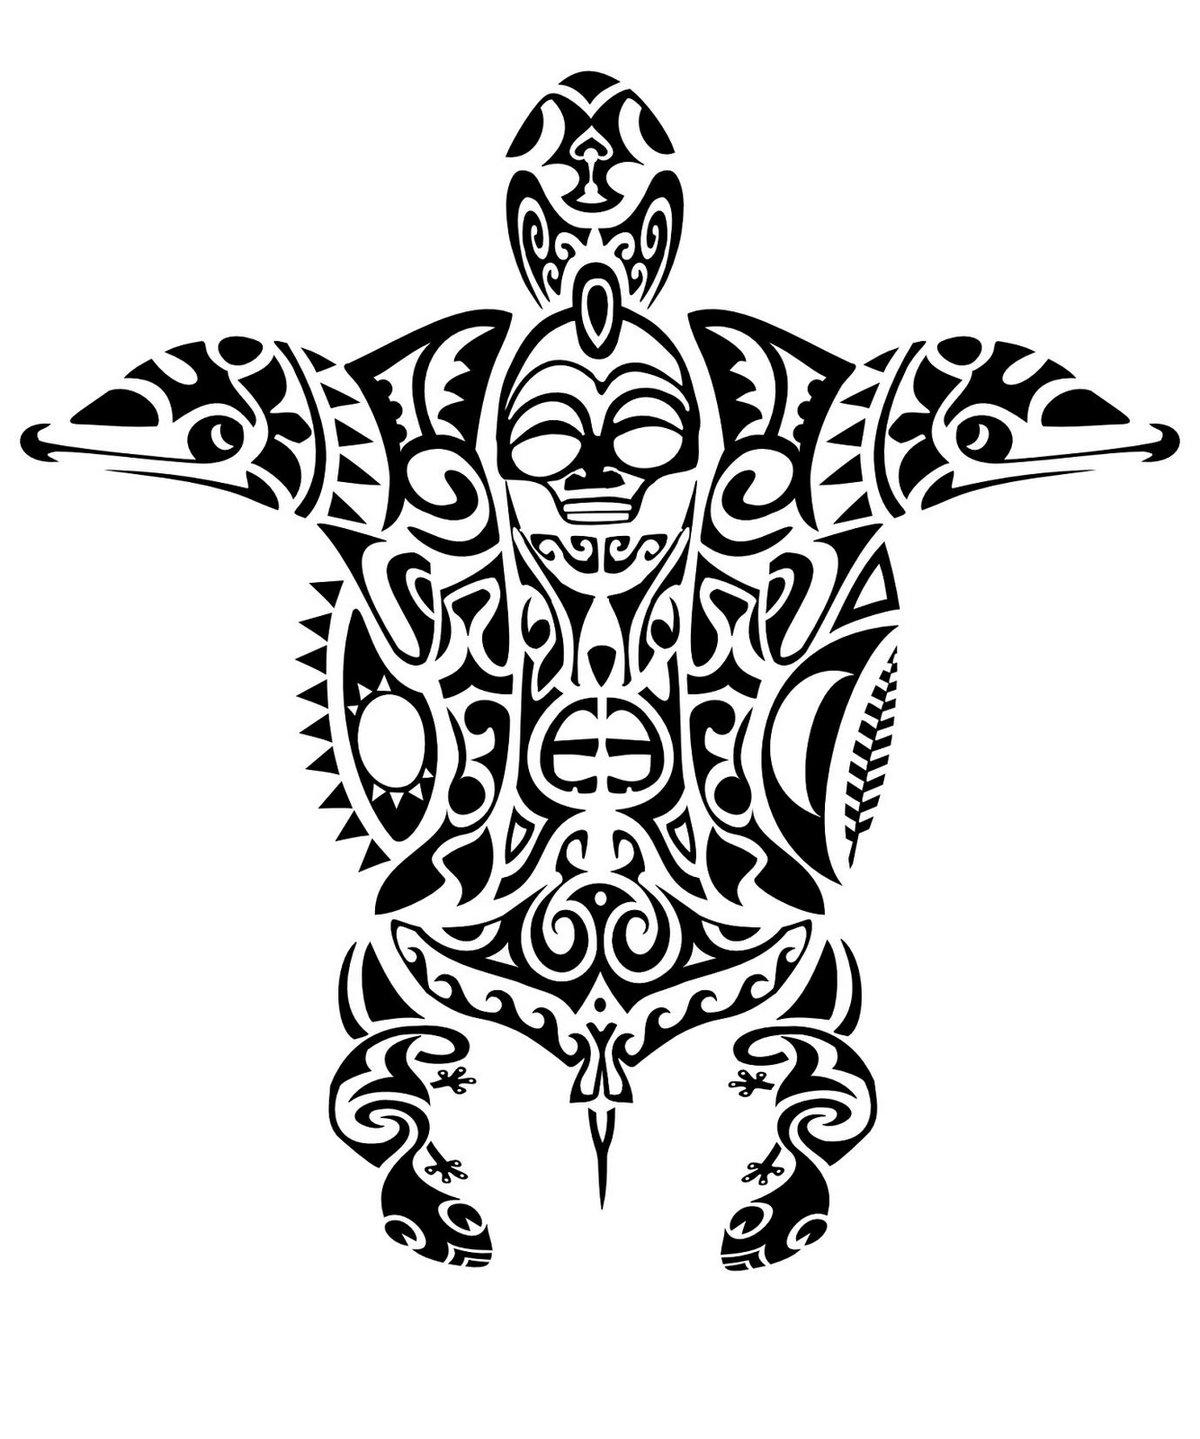 Полинезия: тату, значение и особенности.